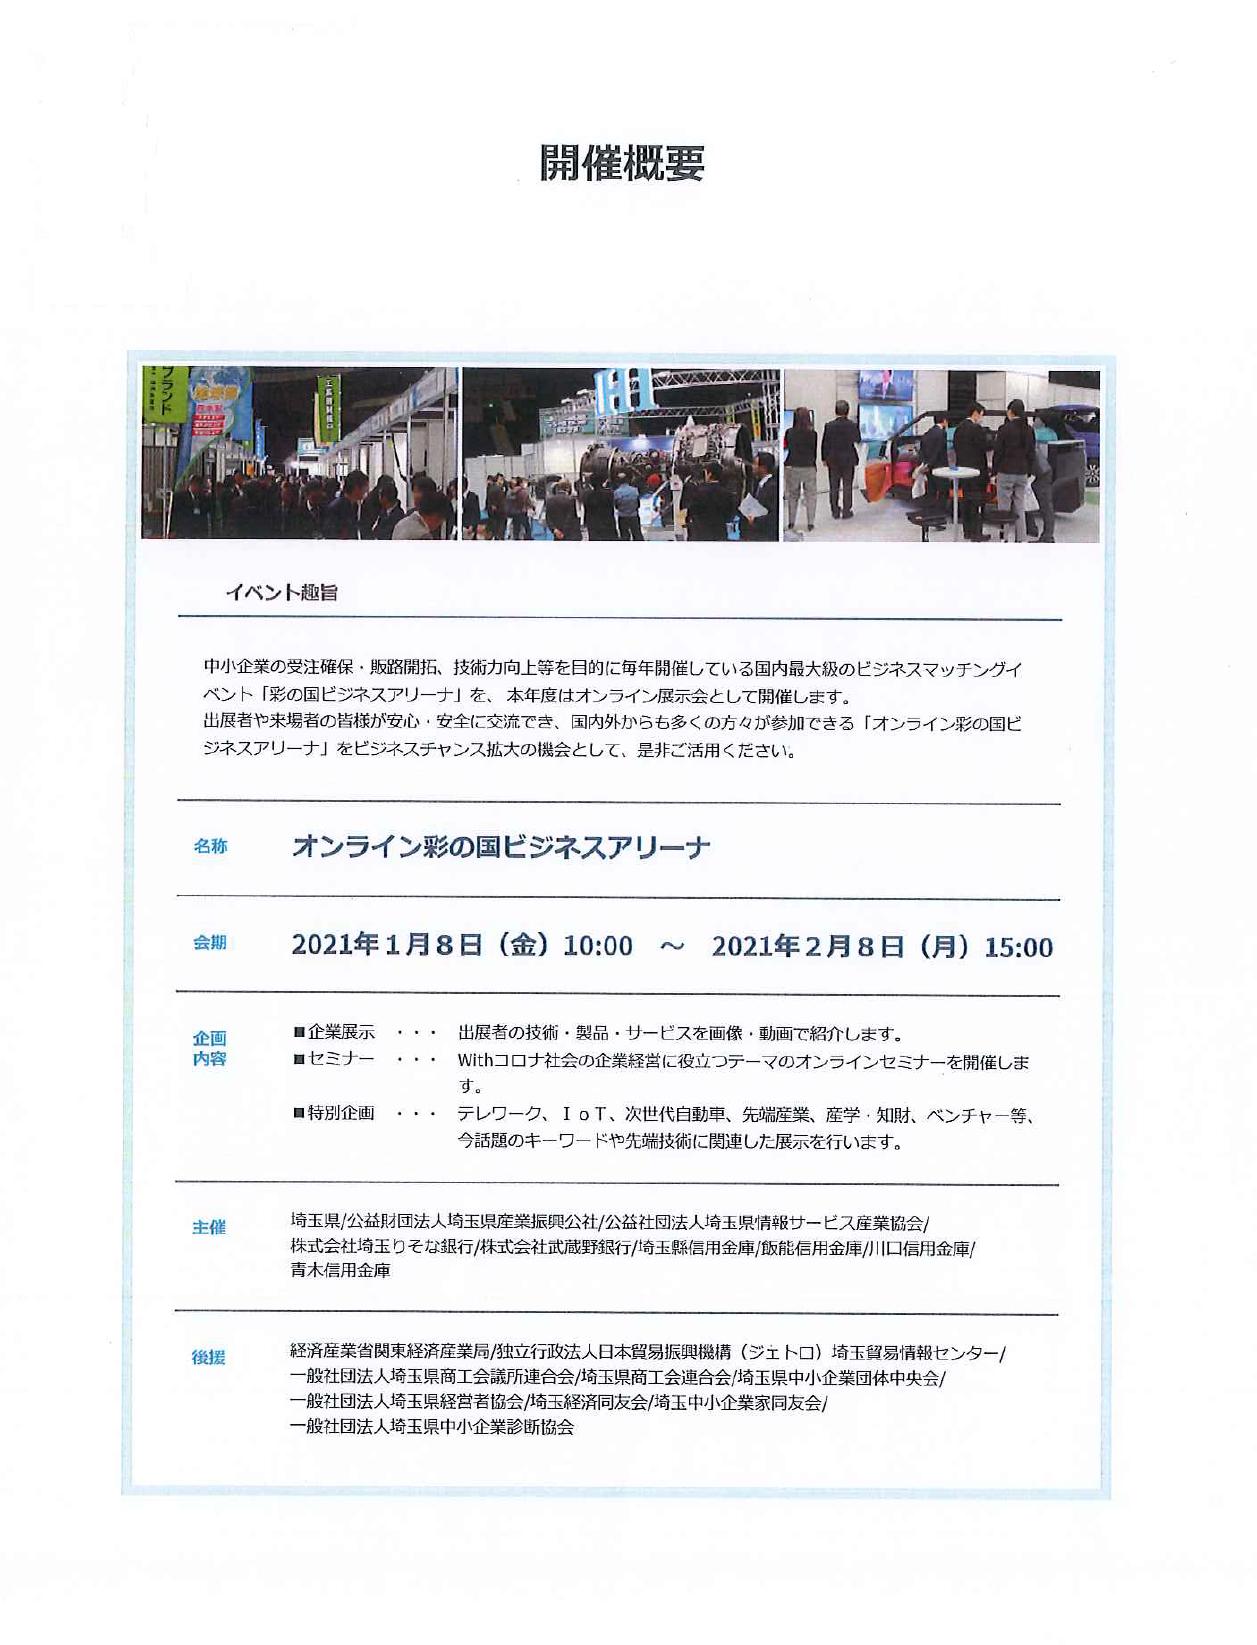 https://kitaken1970.com/files/content_type/type005/94/202101141629546930.png